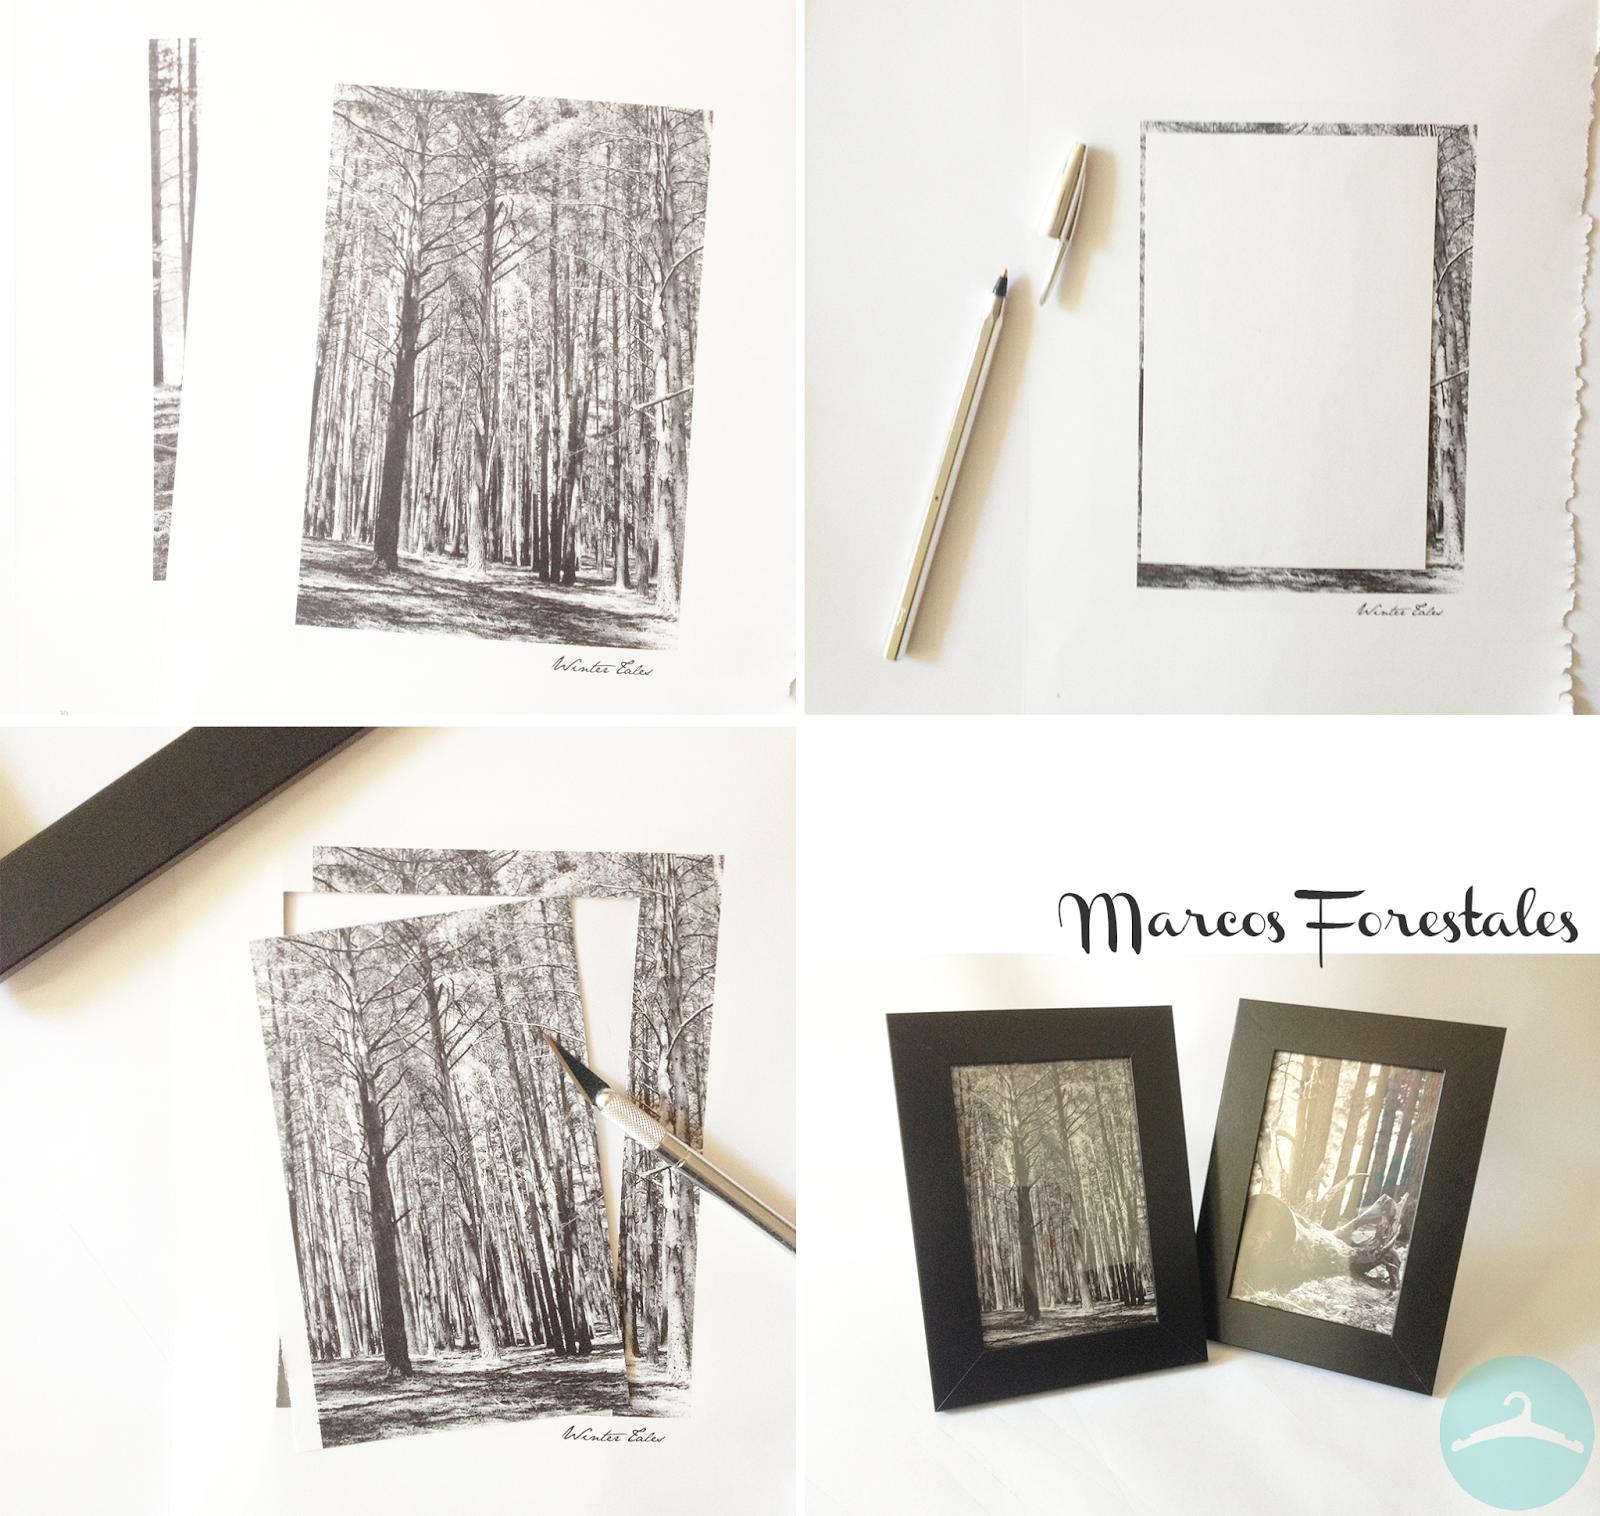 diy - marcos que encierran naturaleza - Handbox Craft Lovers ...